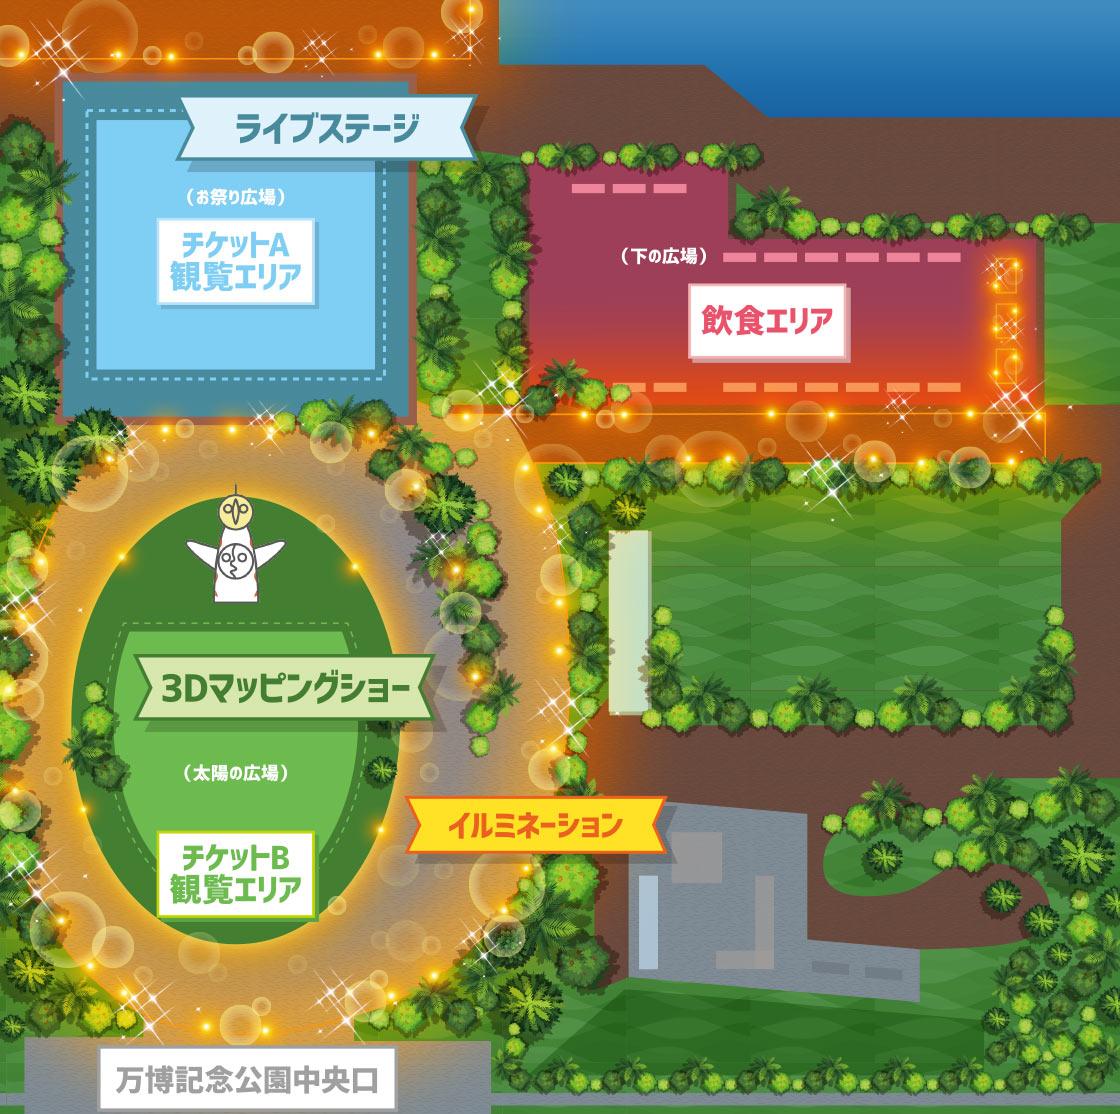 万博公園マップ-min